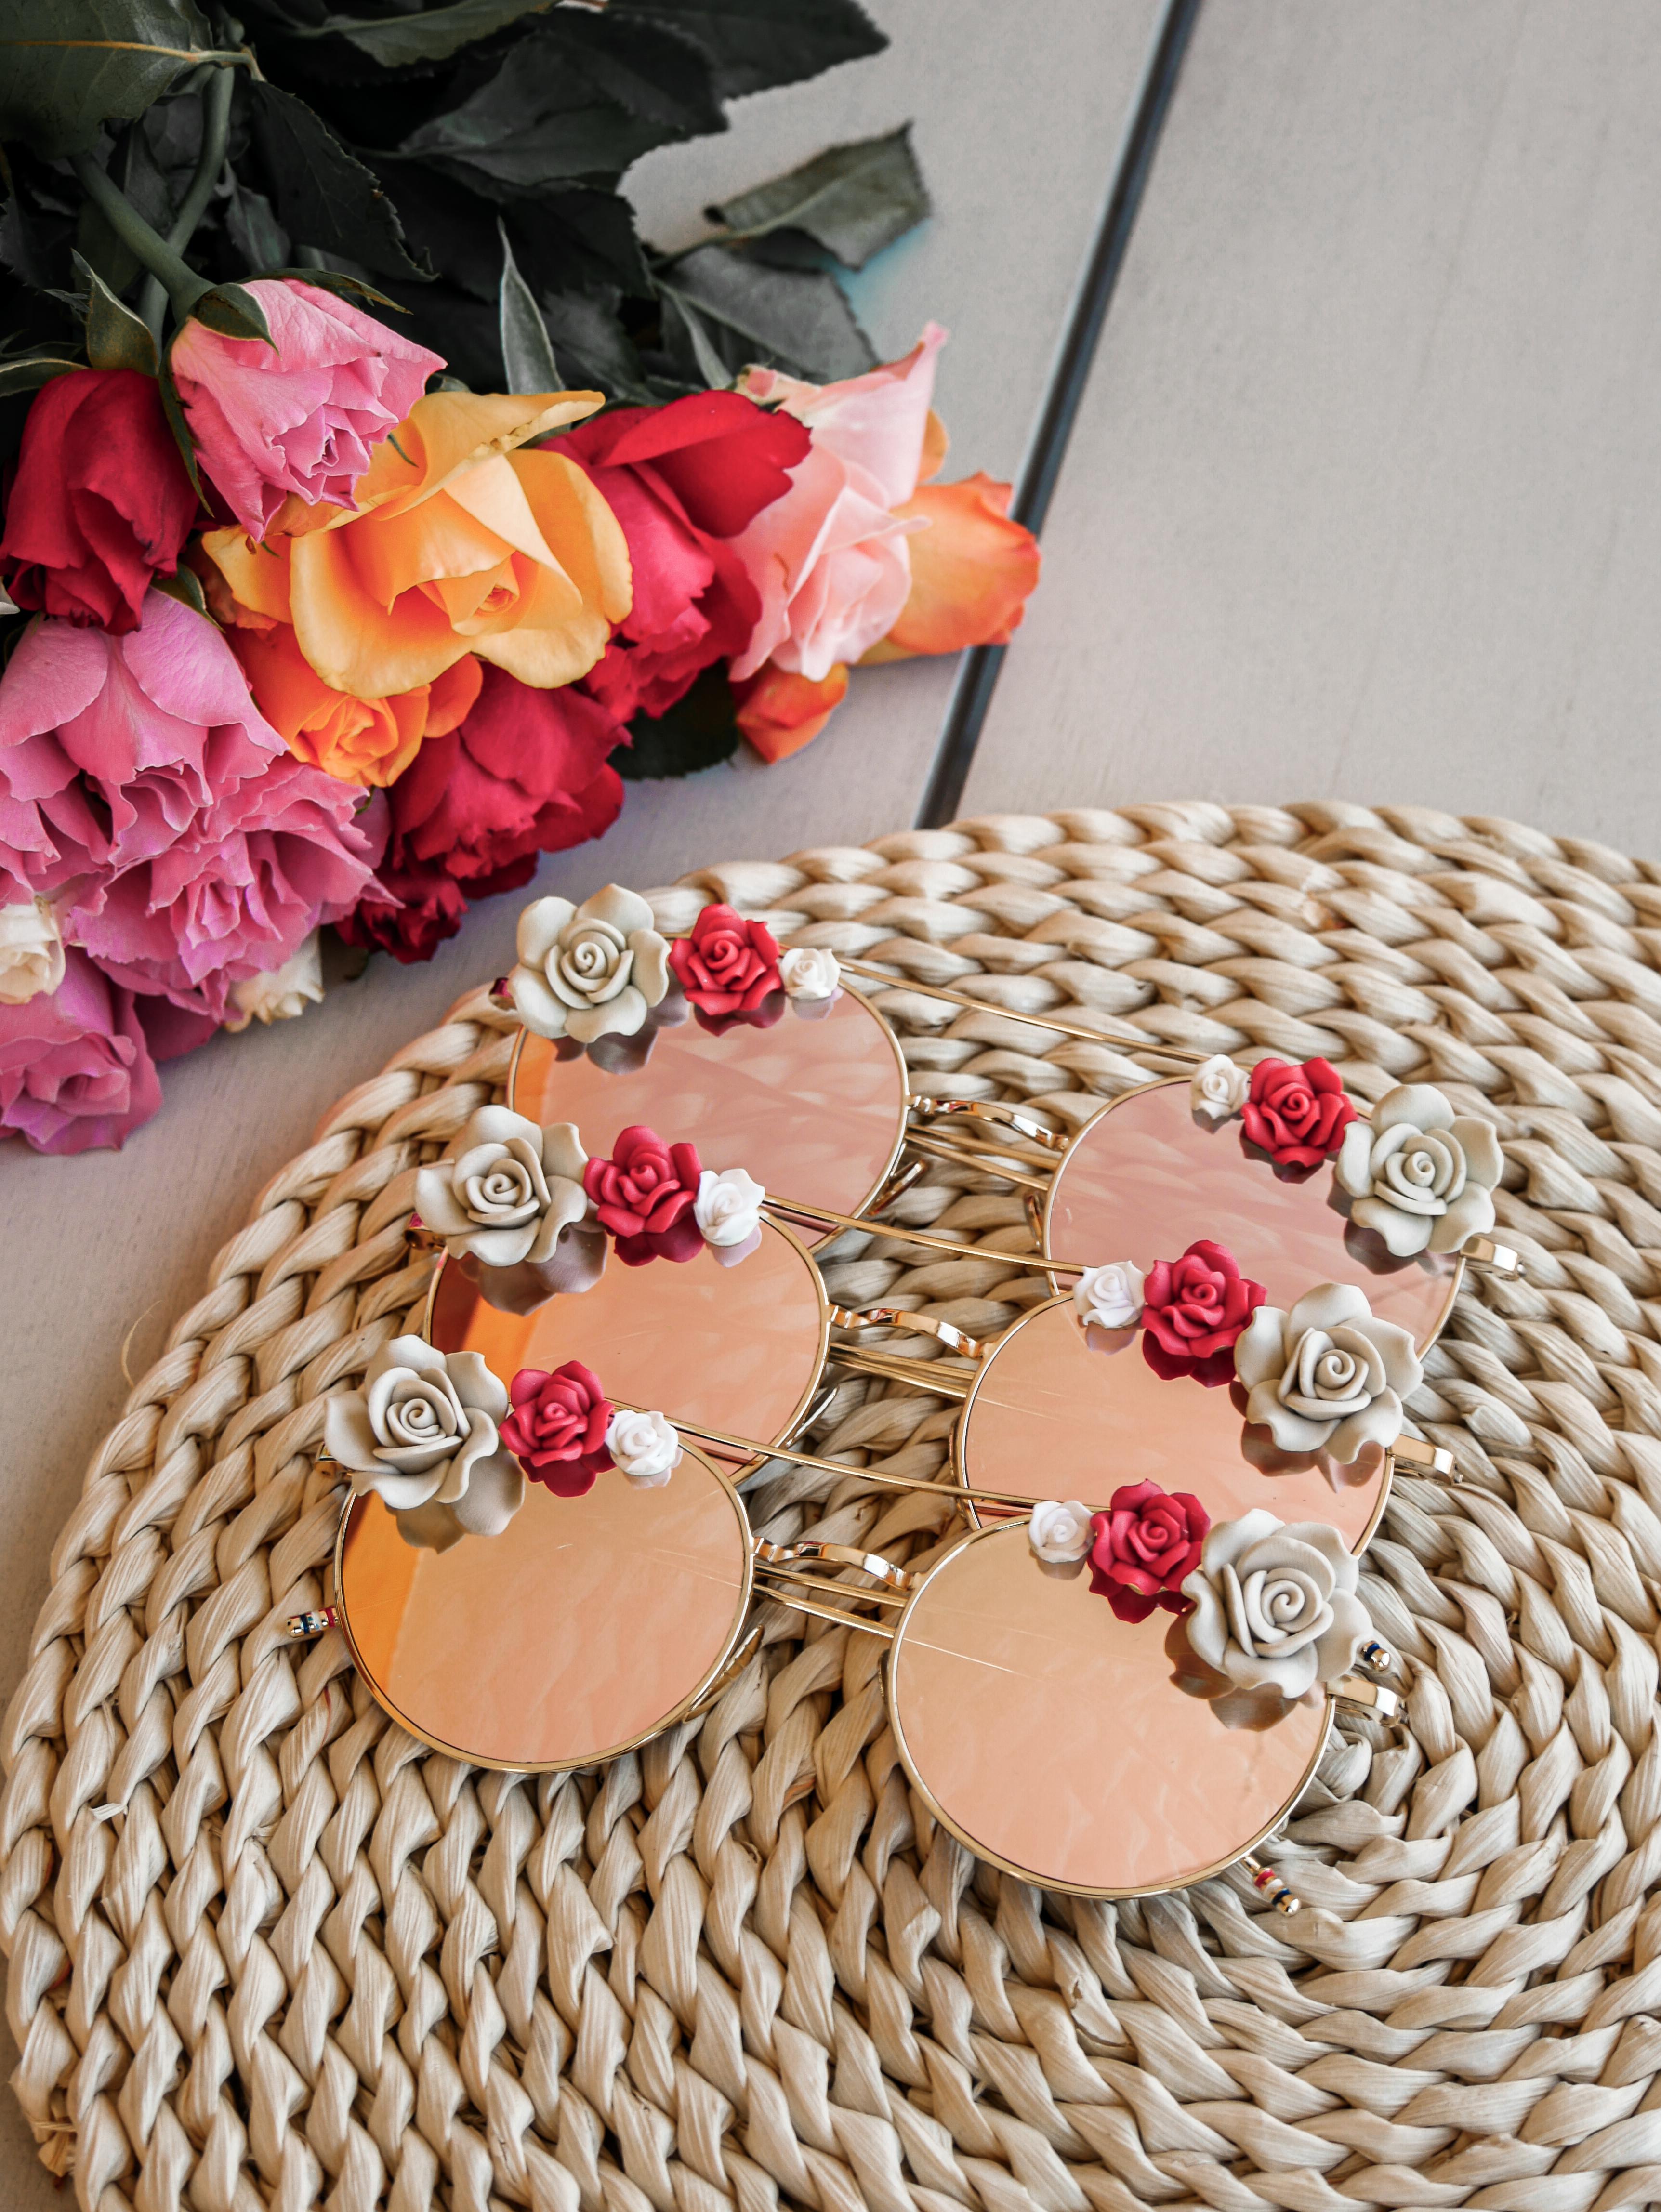 Lunettes de soleil à fleurs | lunettes mariage | Cénélia | Rosalie